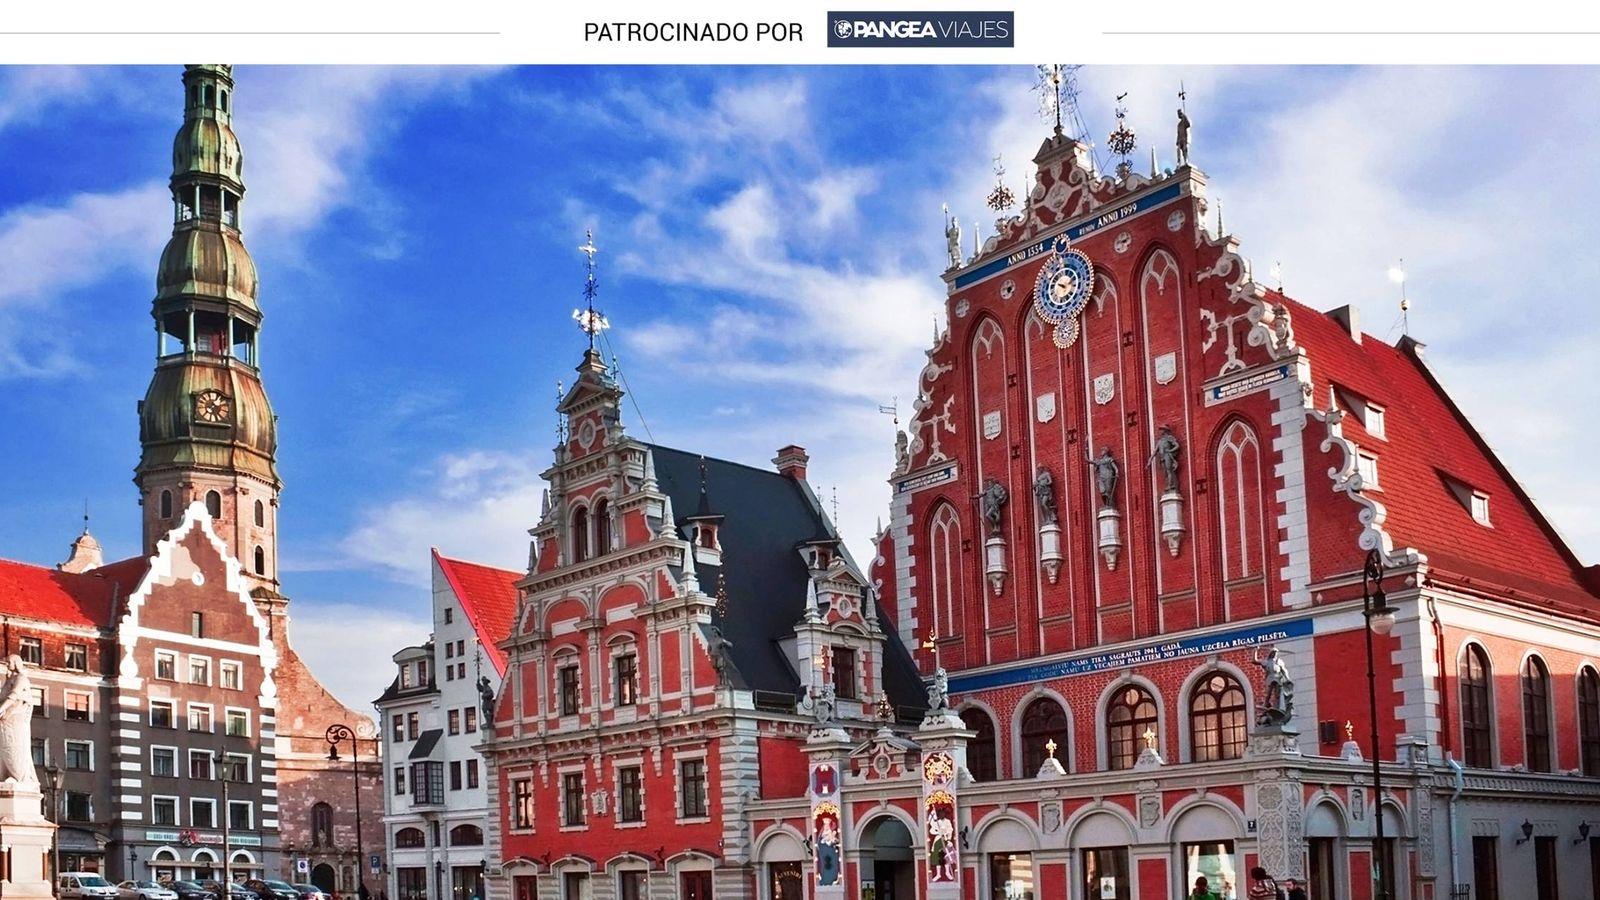 Foto: La Casa de las Cabezas Negras es uno de los edificios más famosos de Riga, en Letonia.